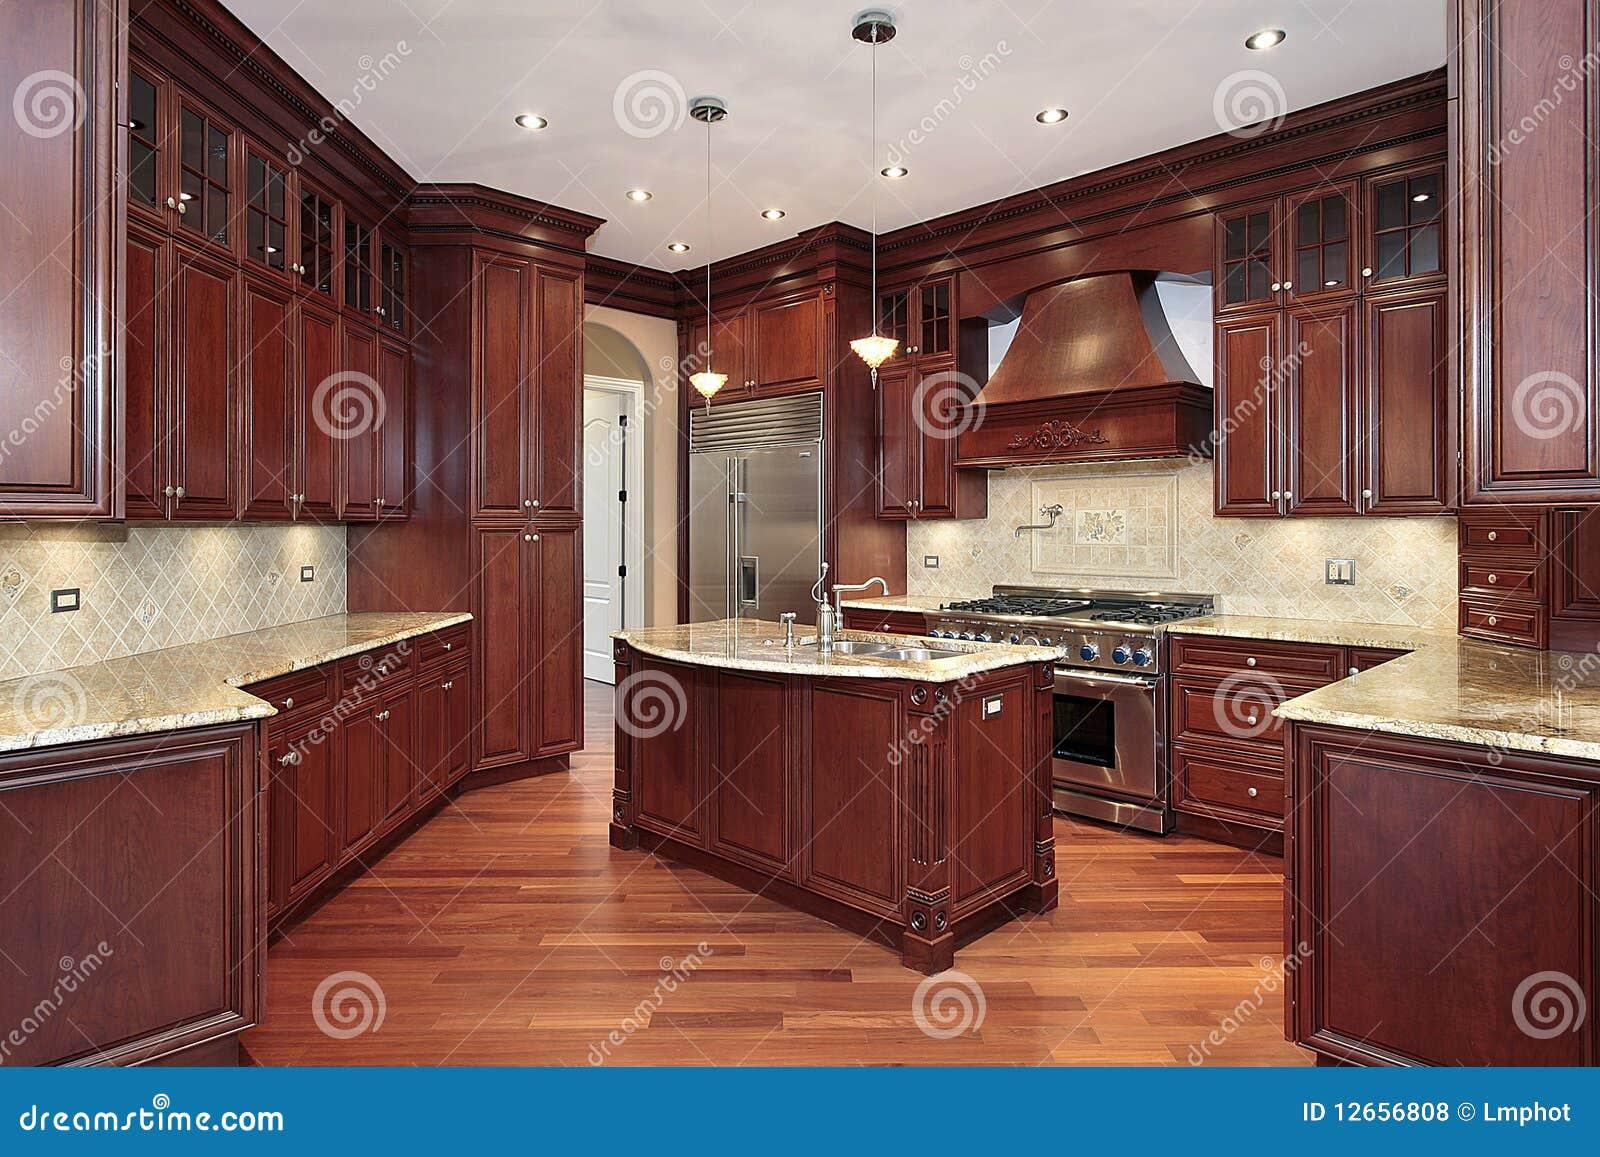 Keuken met cabinetry kersenhout royalty vrije stock foto 39 s afbeelding 12656808 - Keuken met teller ...